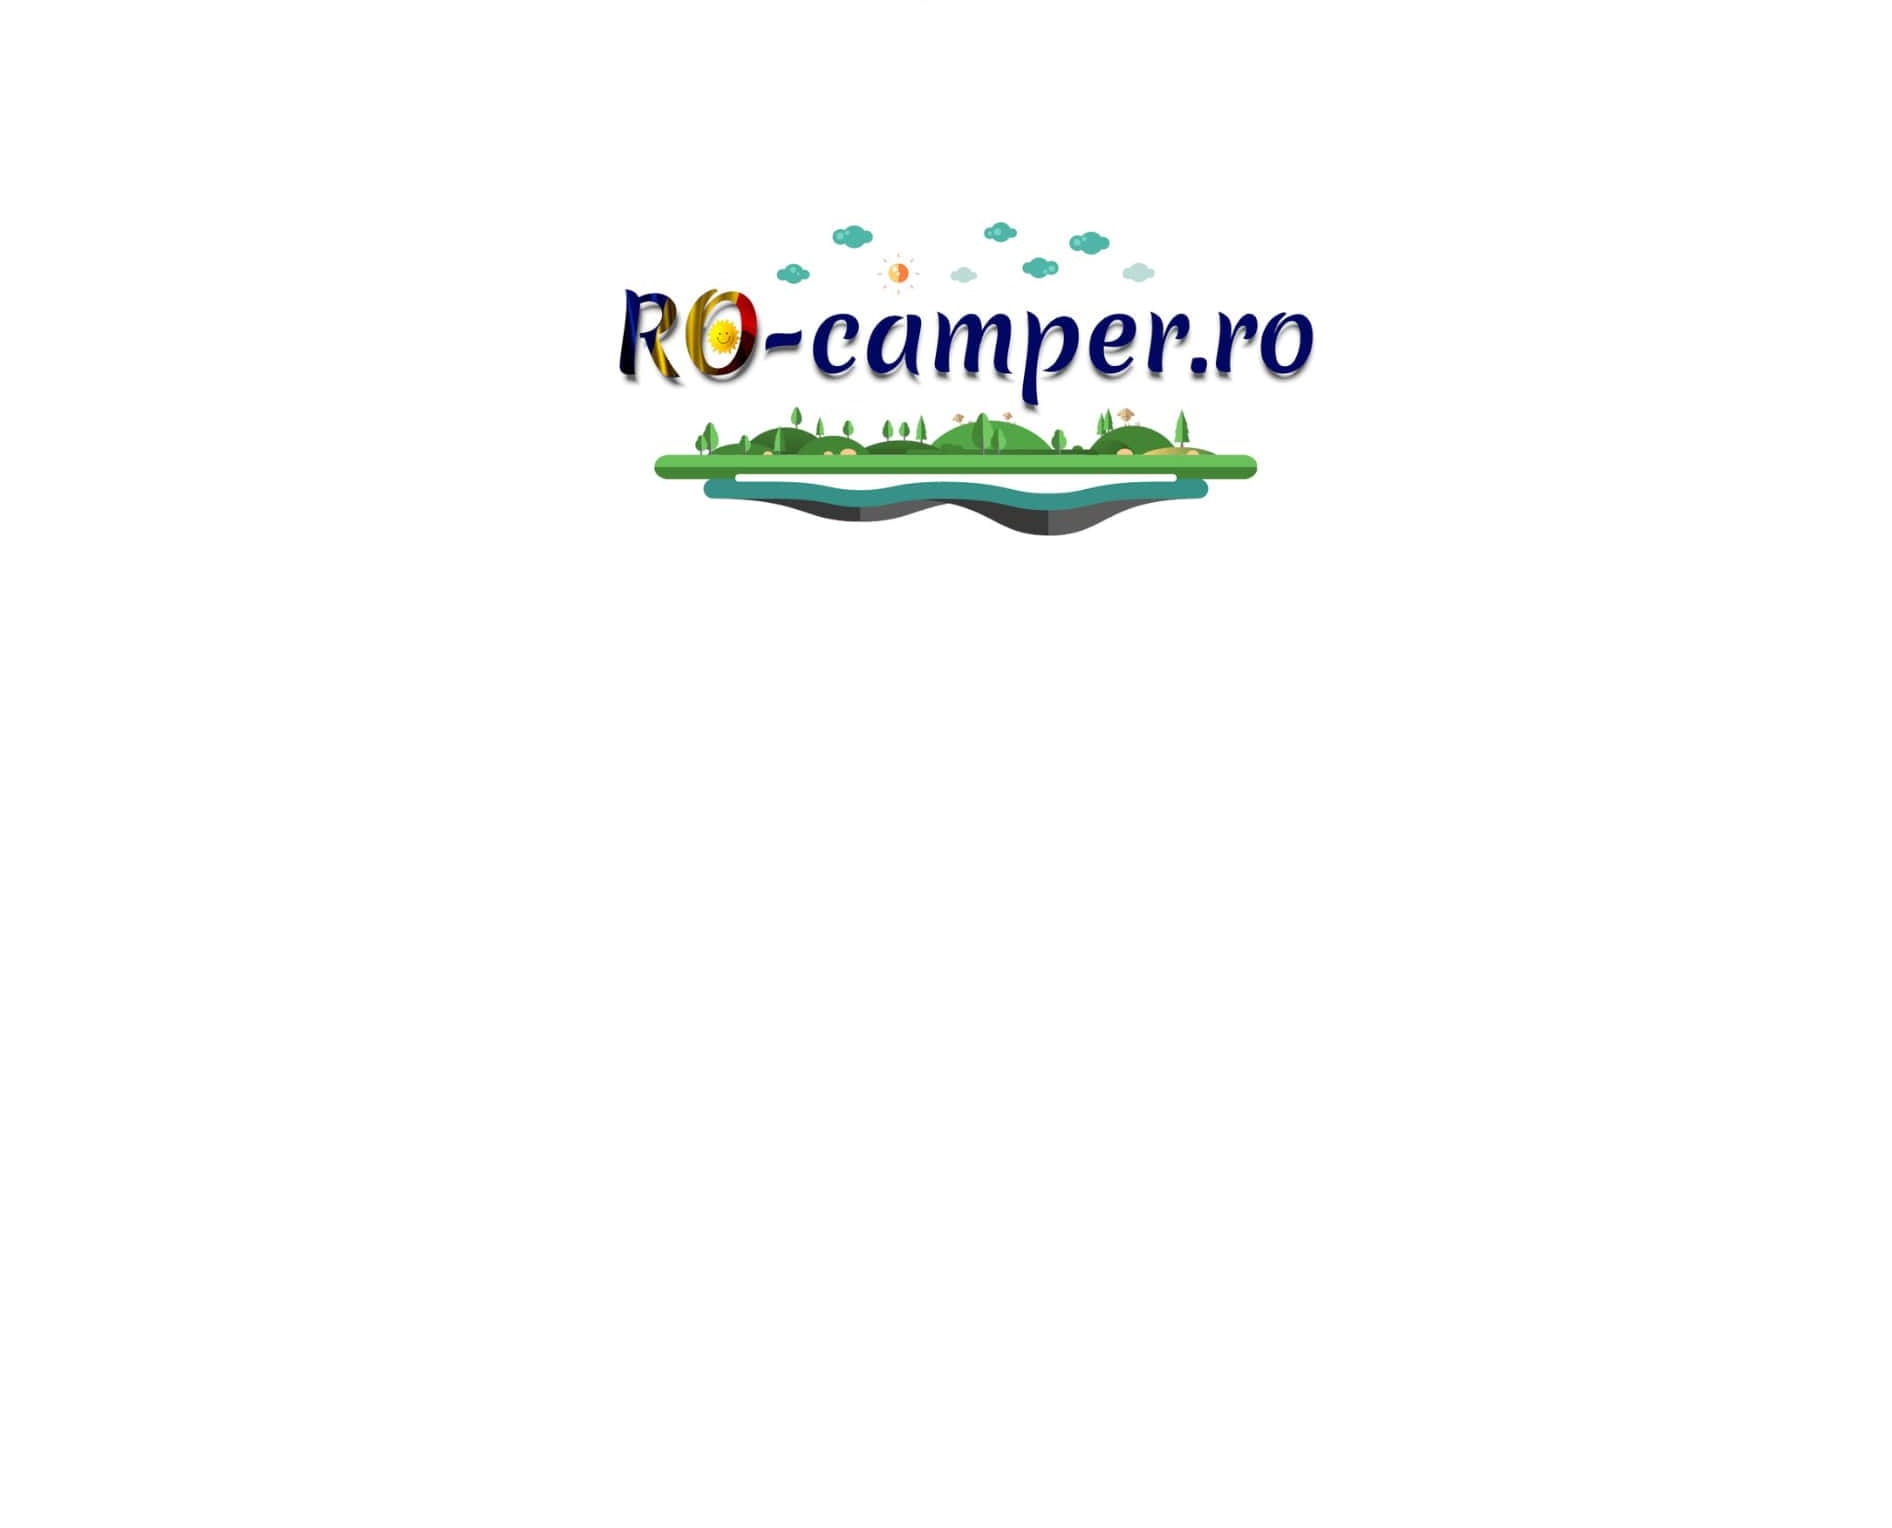 RO-CAMPER.RO